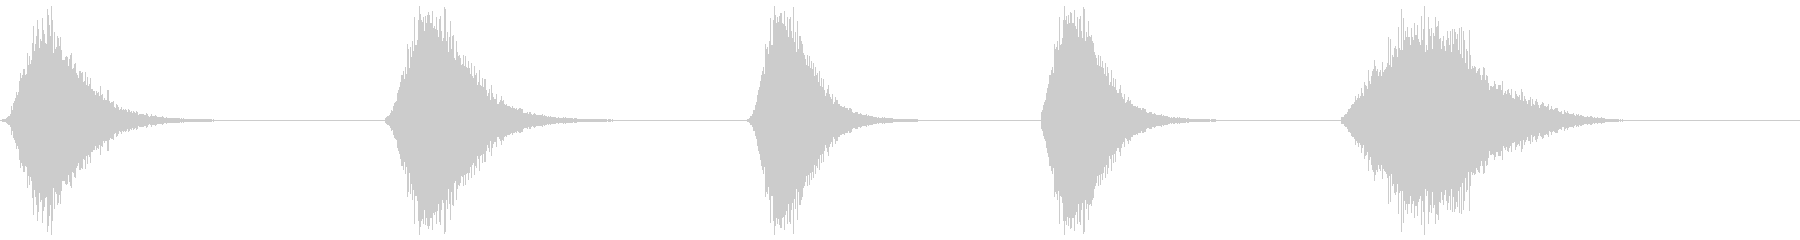 メタリックウーシャ1-5の未再生の波形